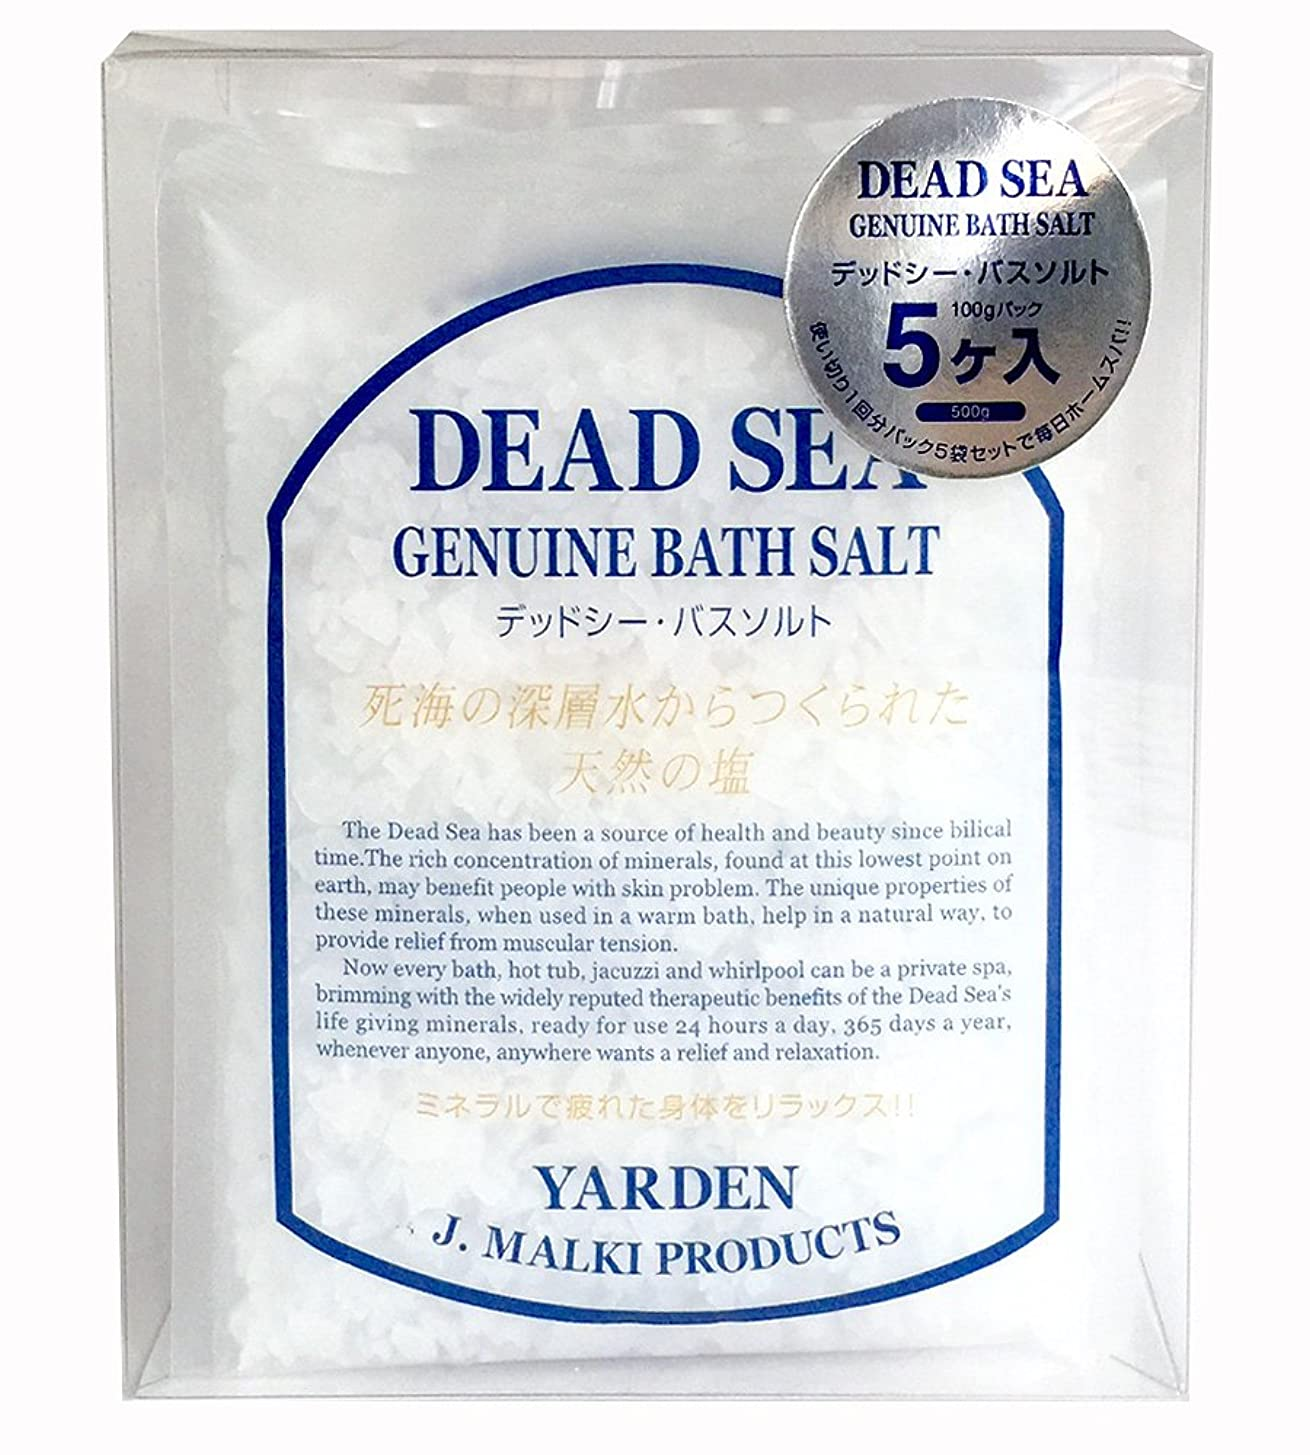 開拓者十代殺しますデッドシー?バスソルト 100g×5個セット【DEAD SEA BATH SALT】死海の塩/入浴剤(入浴用化粧品)【正規販売店】